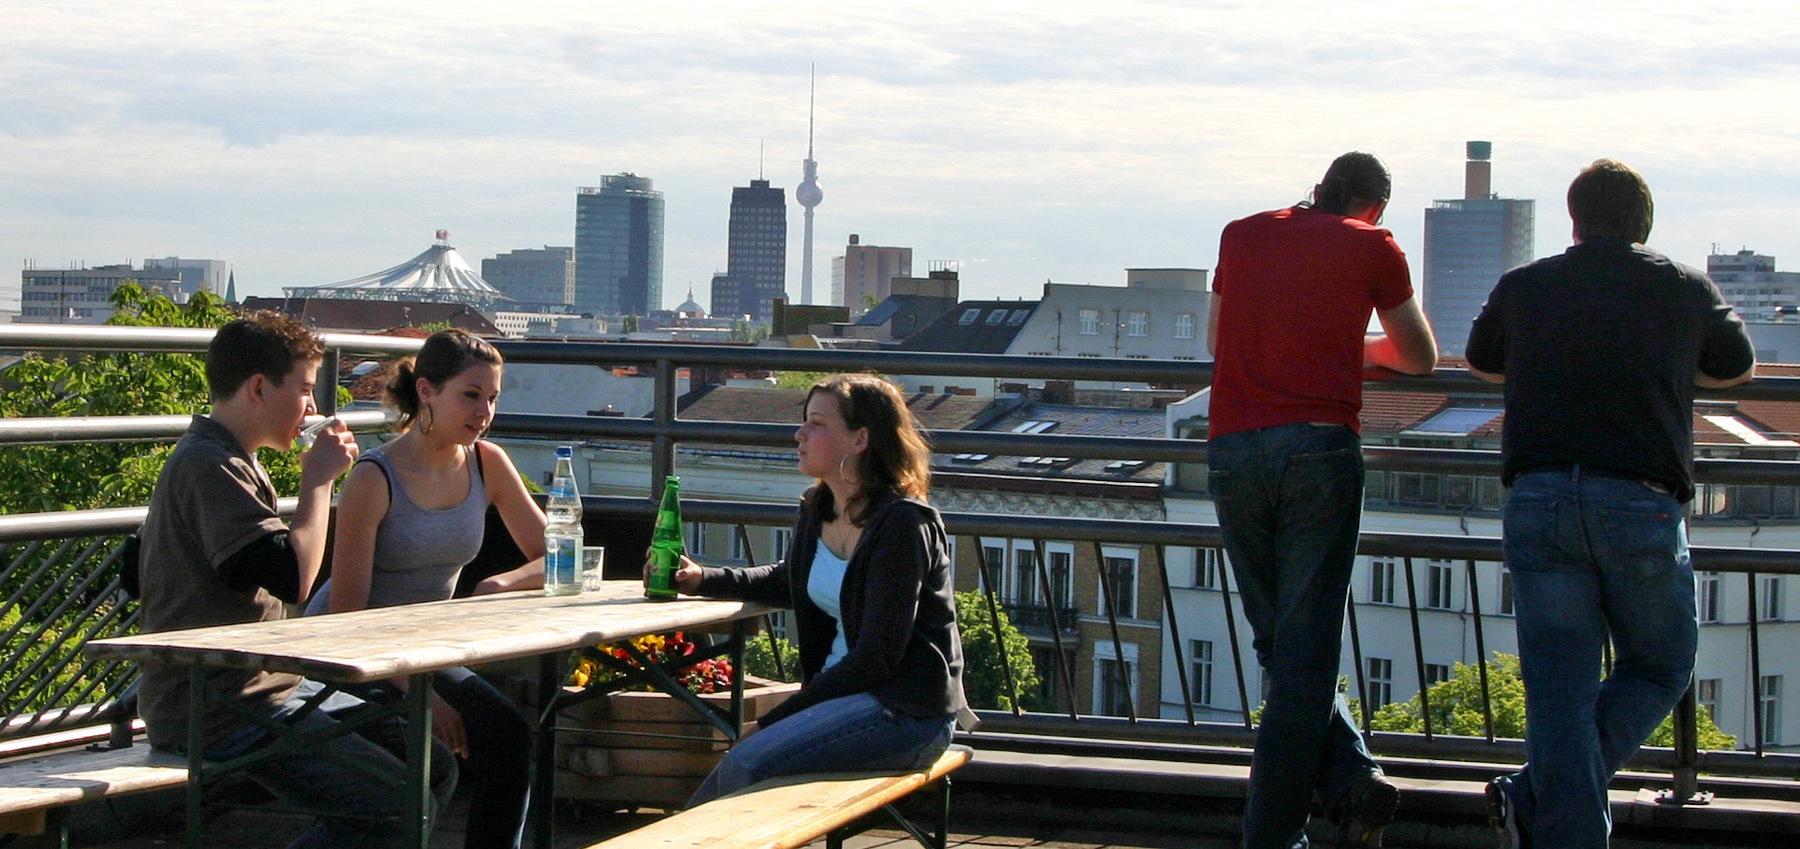 Berlin_CVJM_Aussicht_auf_Skyline